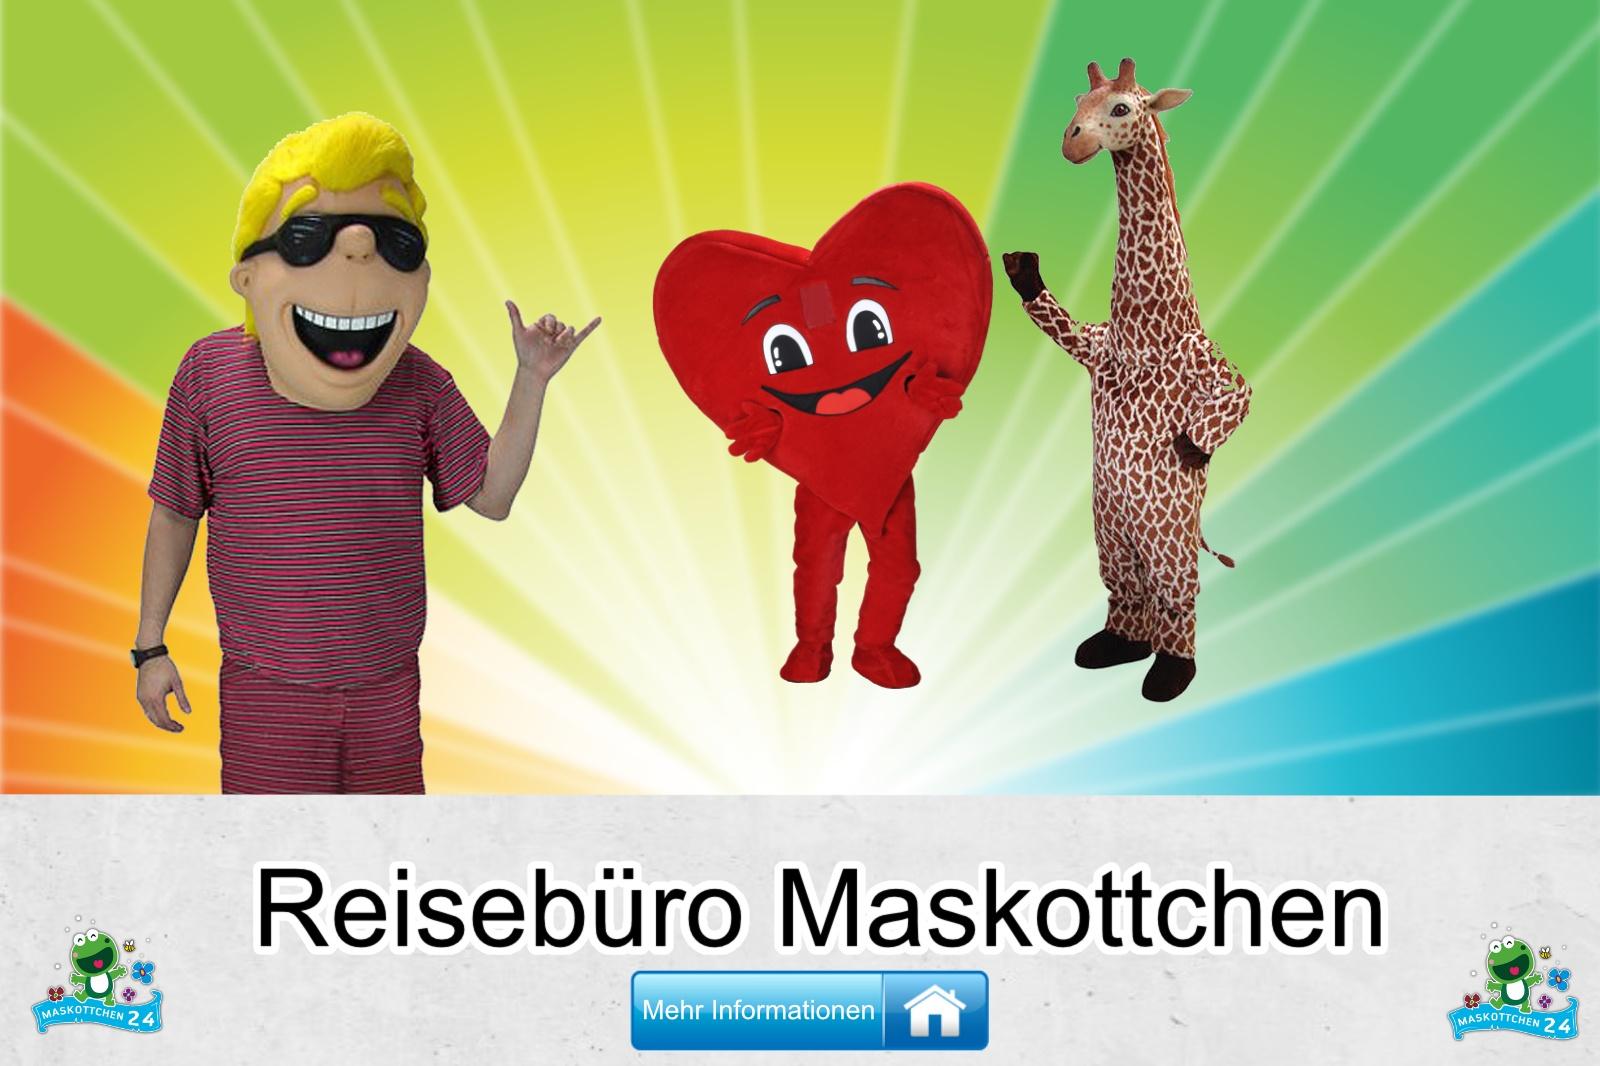 Reisebüro Maskottchen Kostüm kaufen